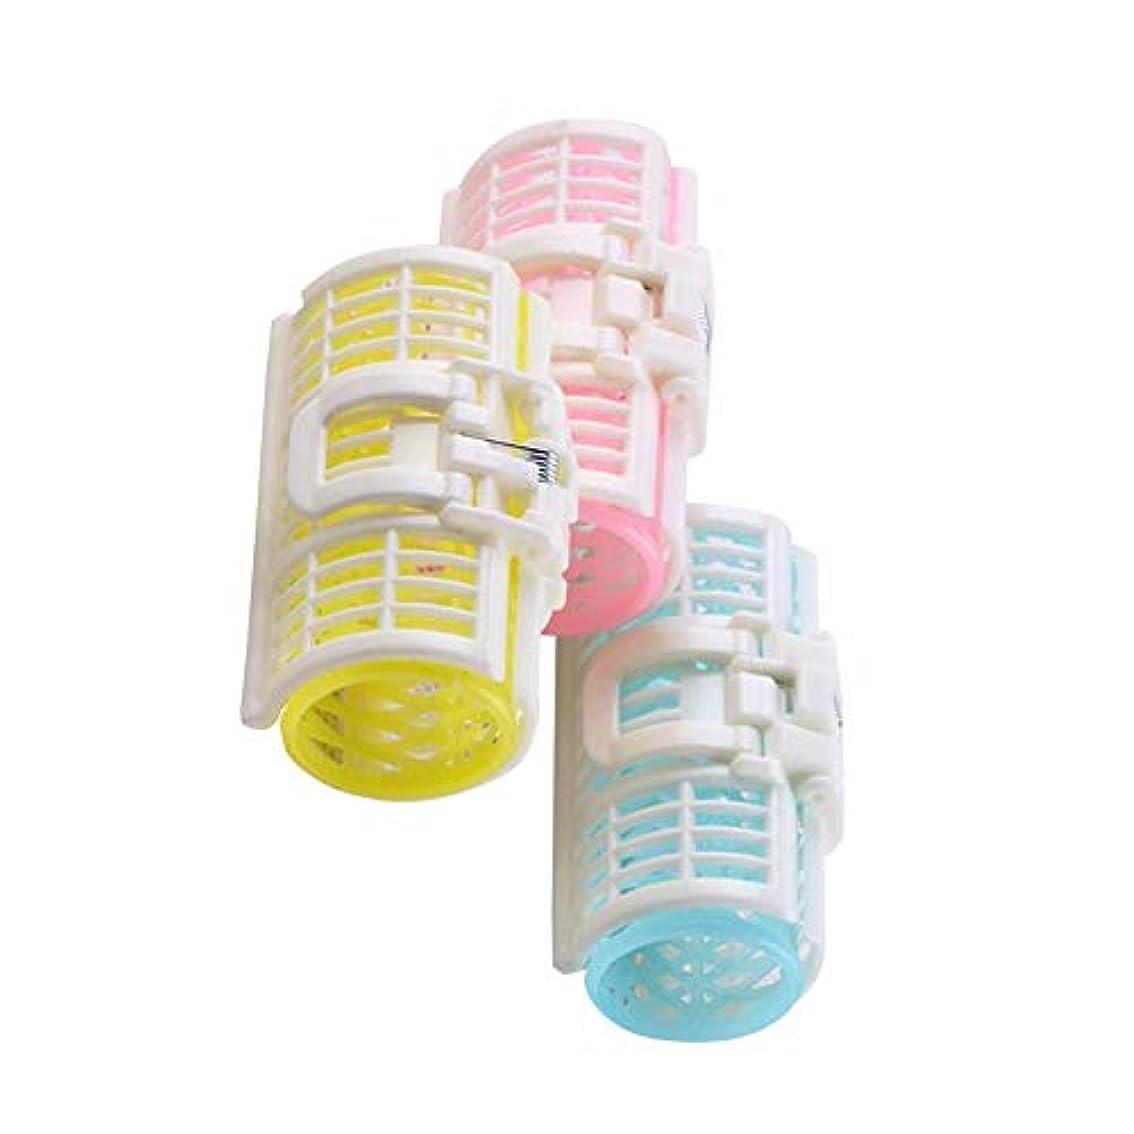 配偶者文芸関連付ける3つの大きな爆発ツールのヘアケア製品の耐久性のあるプラスチック製のヘアカーラーヘアクリップ